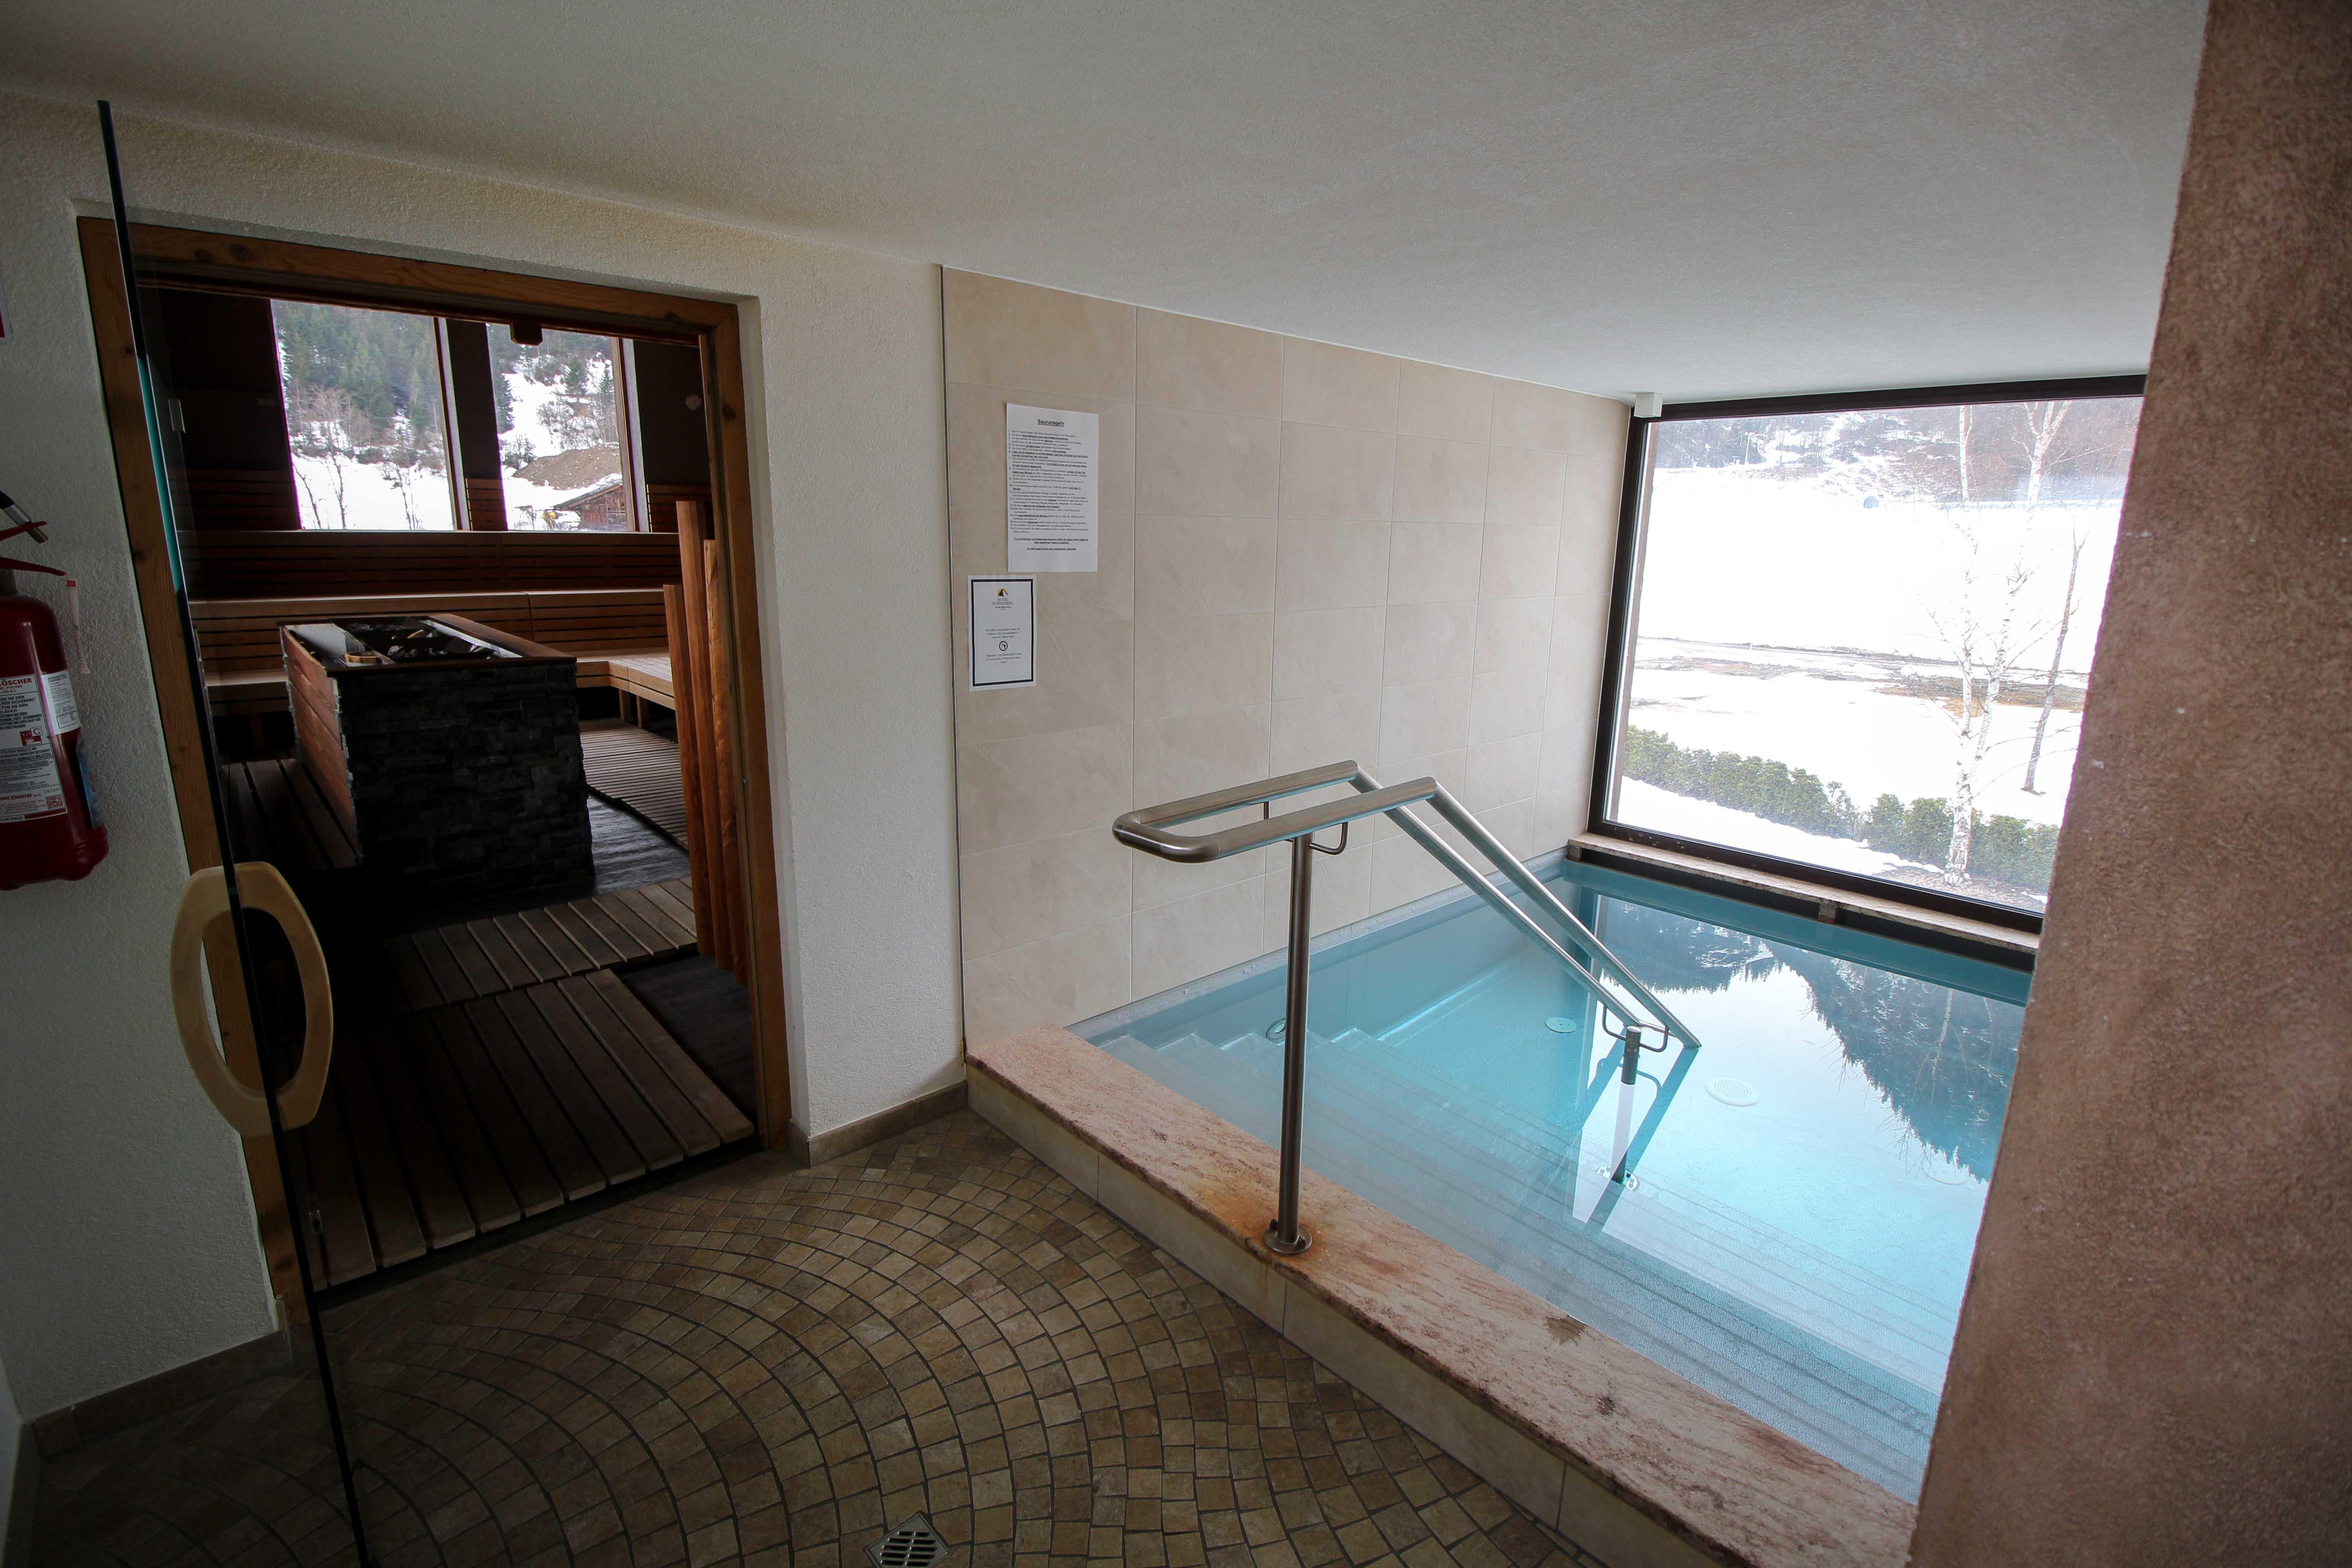 Südtirol Hotel Schneeberg Resort Spa Wellnessbereich Kältebecken italien Wellnesshotel Reiseblog Wellnessurlaub Kurzurlaub Hotelempfehlung Skiurlaub